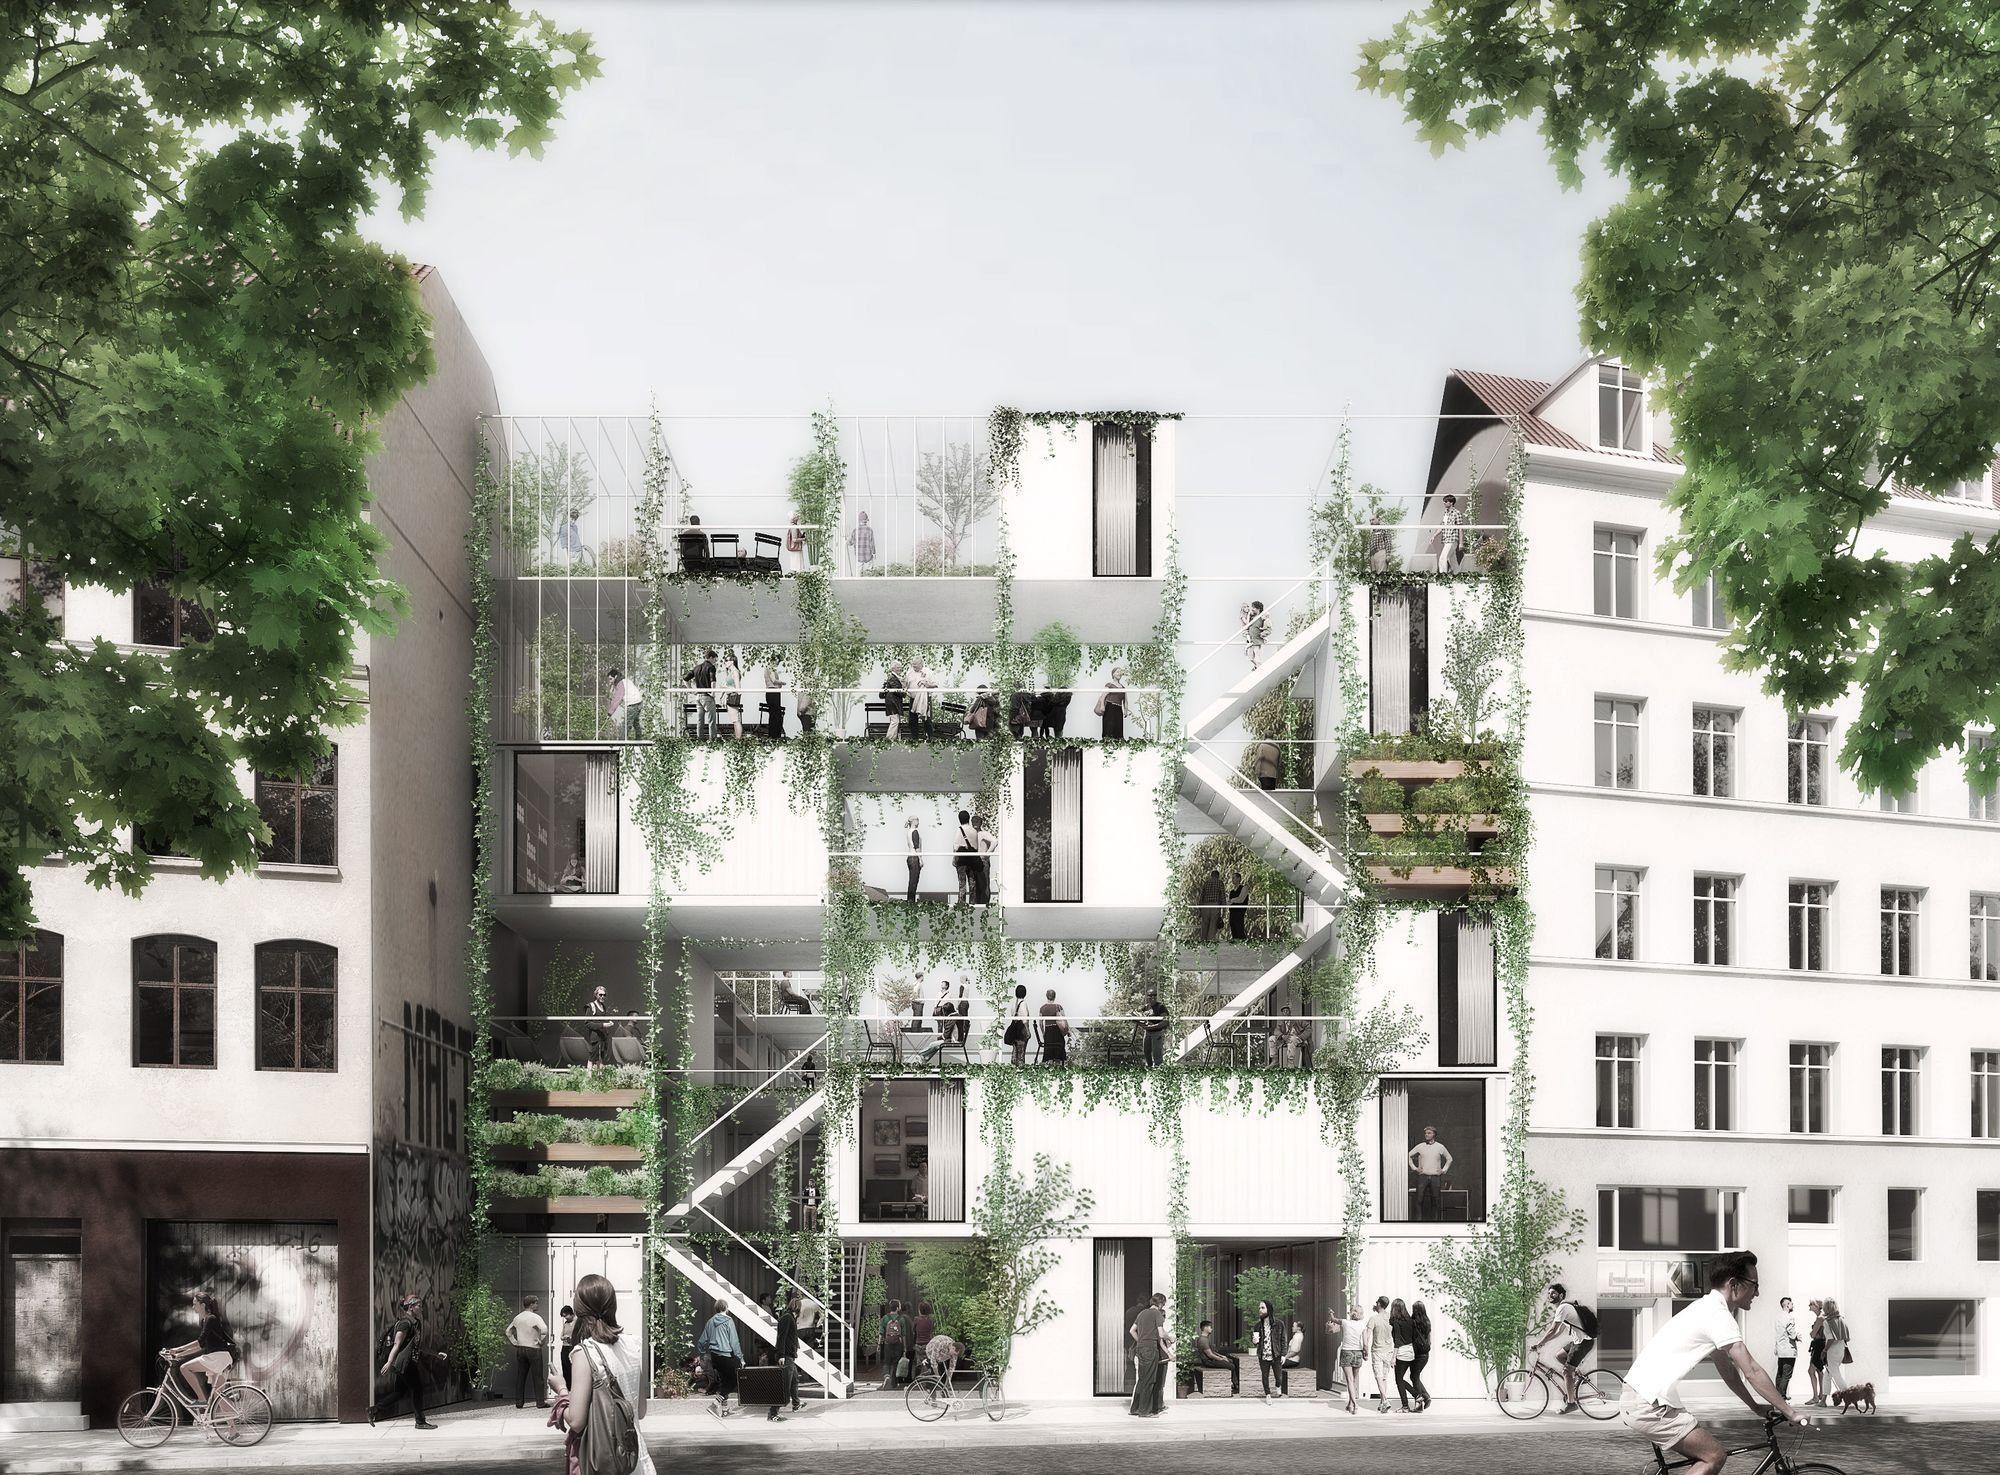 Rendering. Jagtvej 69 - Vendepunktet by WE Architecture